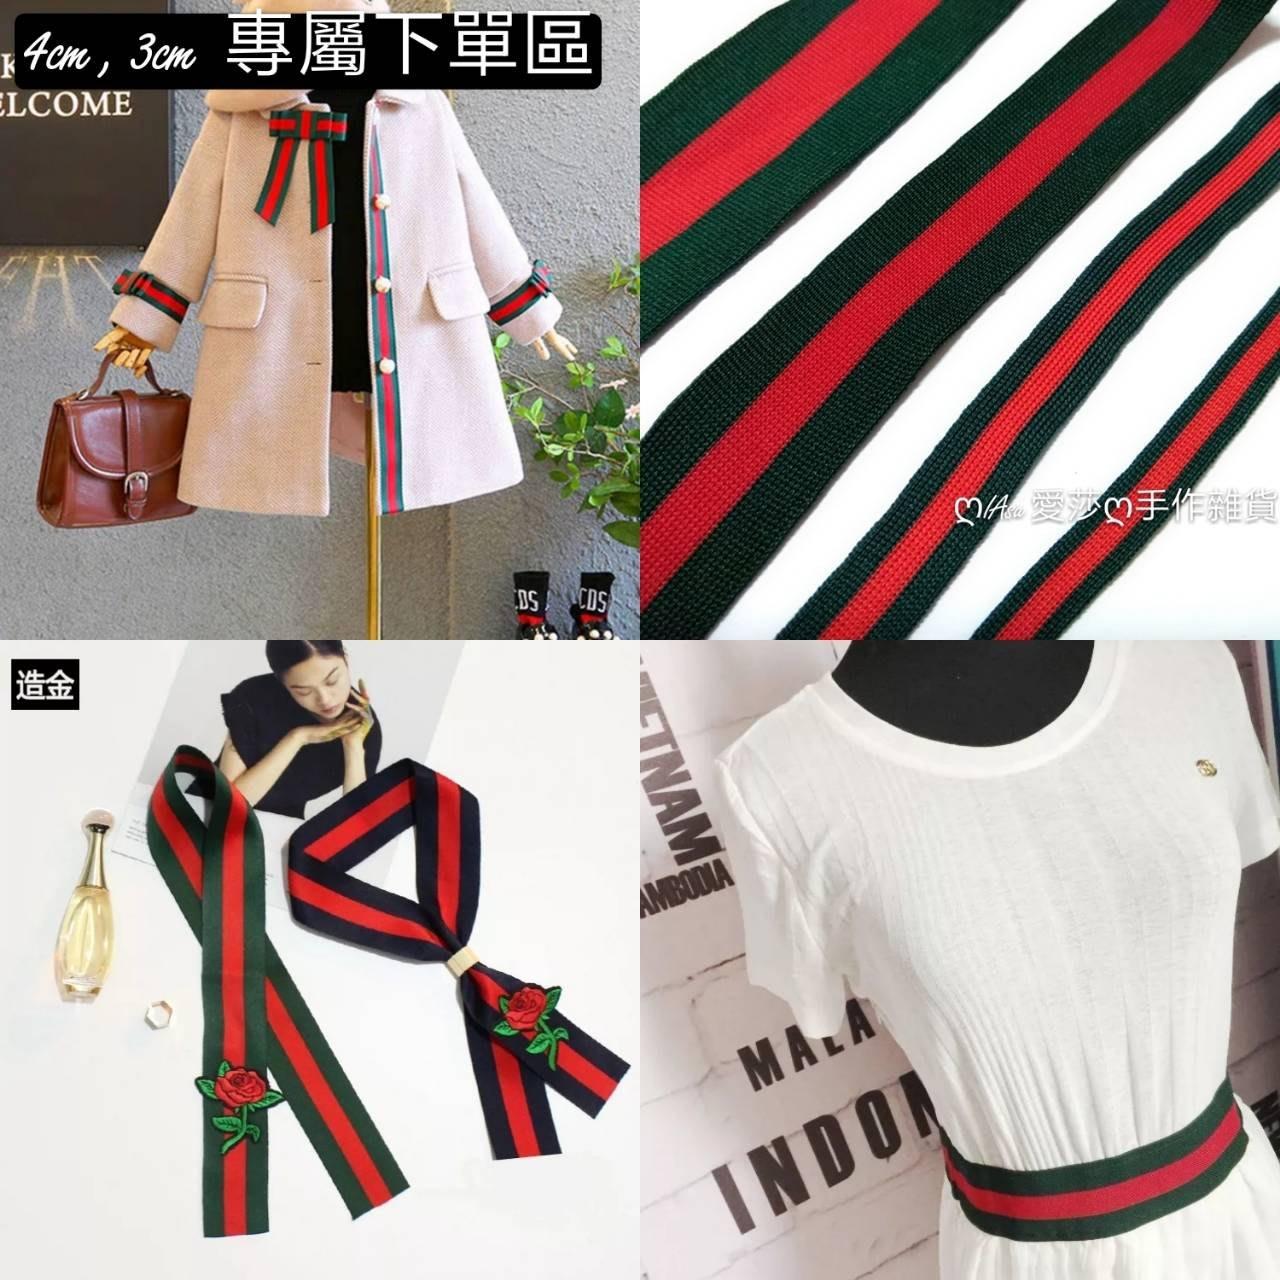 『ღIAsa 愛莎ღ手作雜貨』大版橫拉針織帶經編滌綸帶條紋間雙綠中紅色織帶服裝輔料褲側邊裝飾DIY